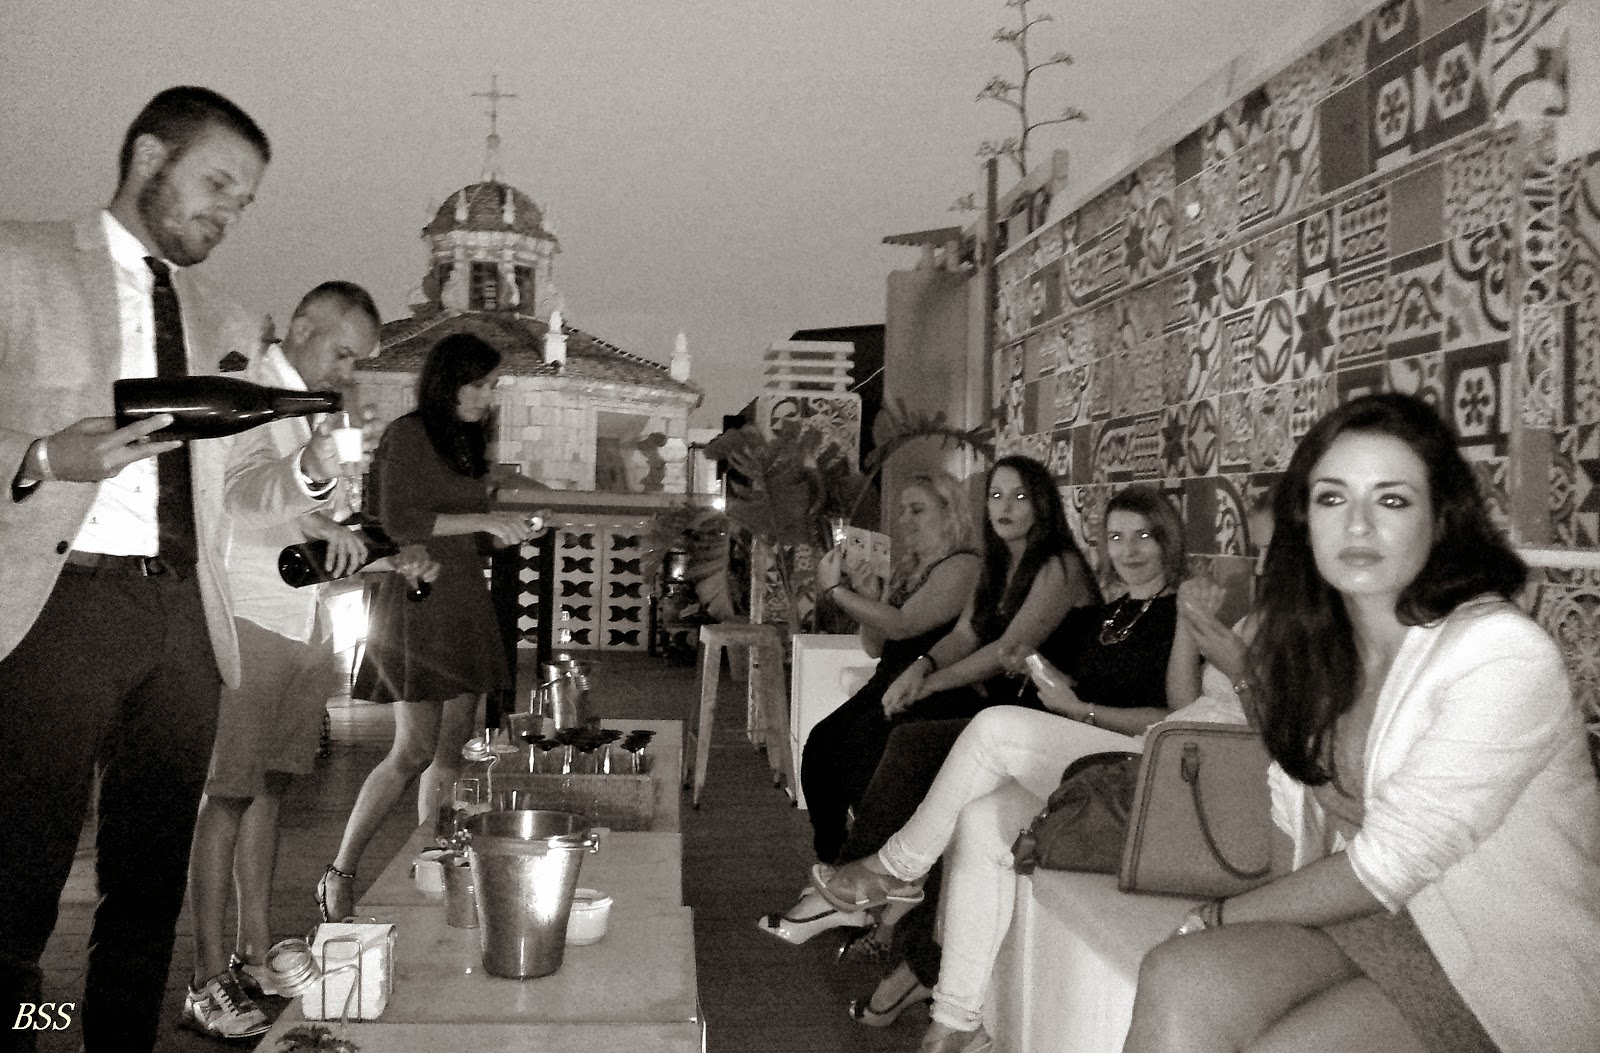 Baños Arabes Plaza Vieja Almeria: Plaza Vieja pudimos contemplar unas vistas espectaculares de la